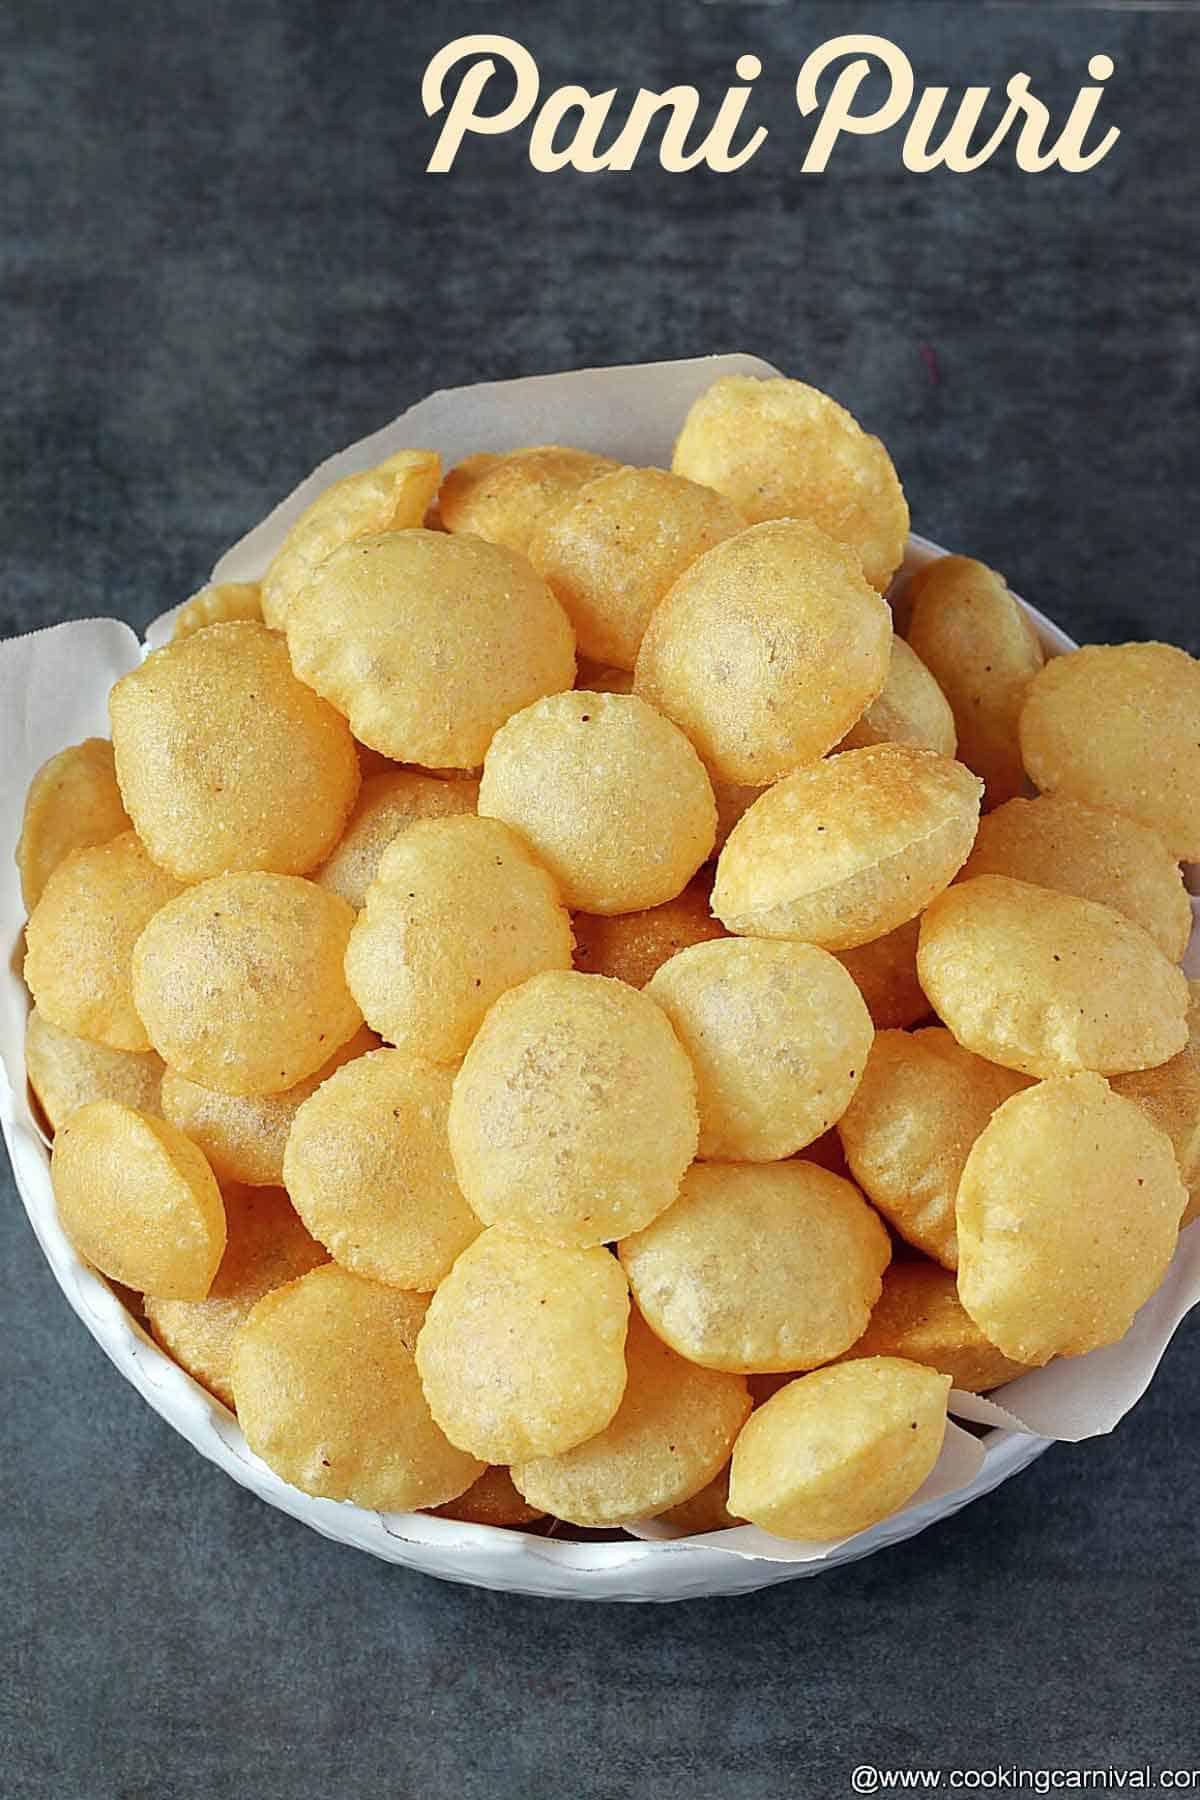 Puri for pani puri chaat in white bowl